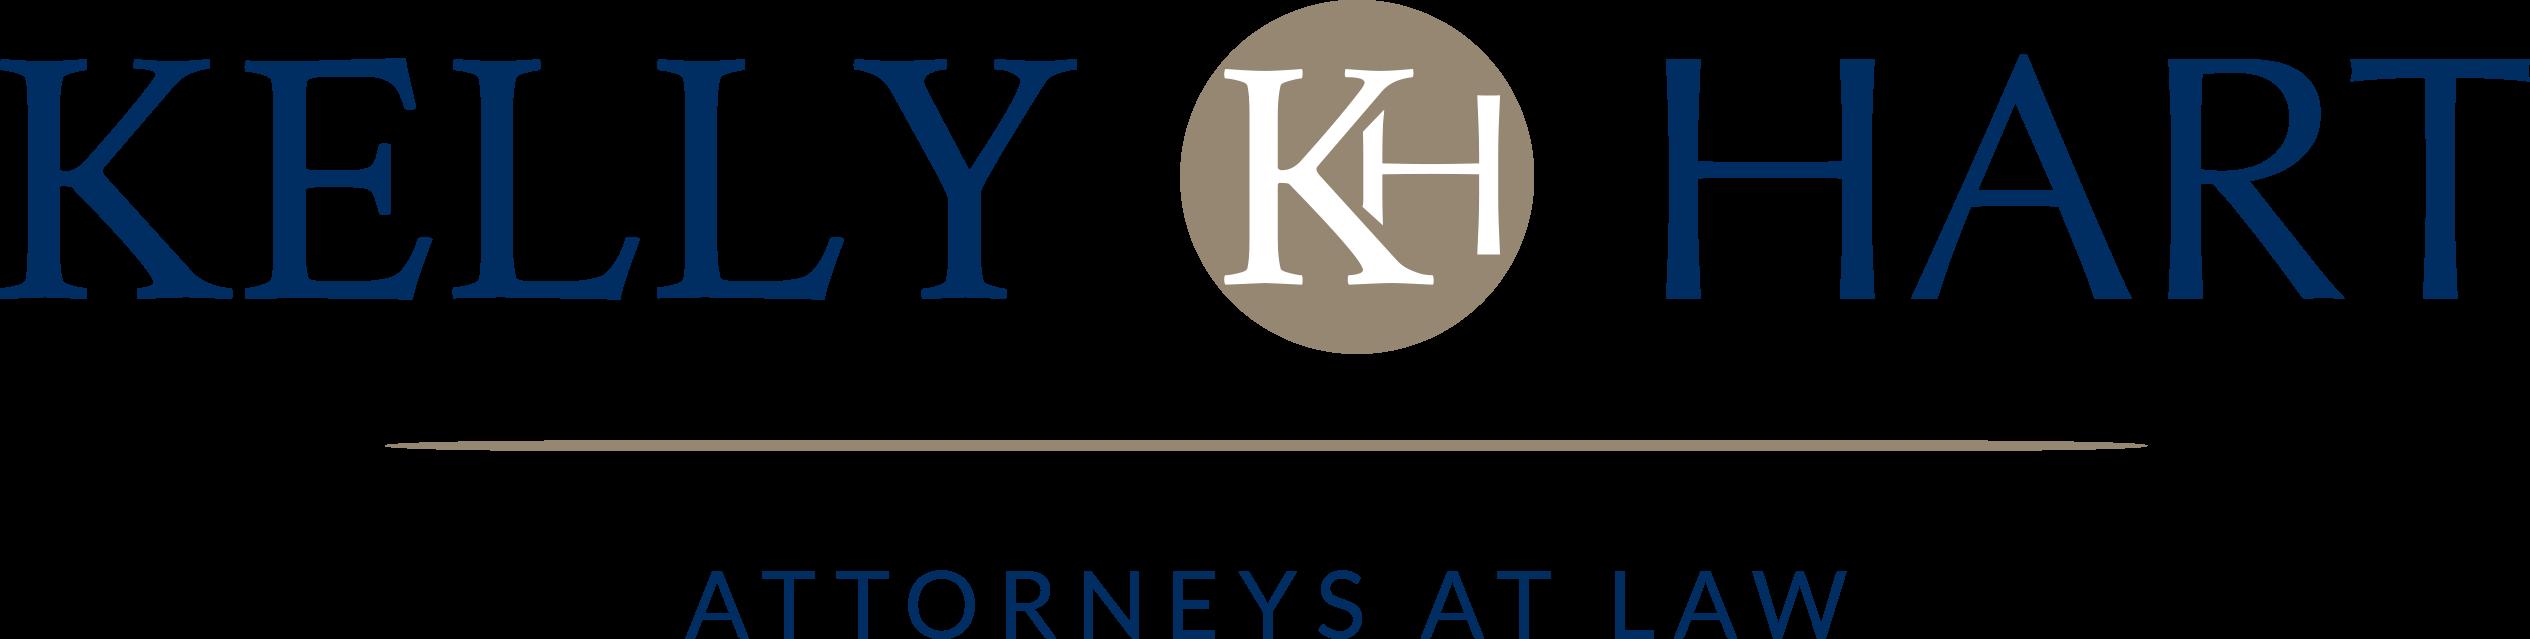 KellyHart_Logo_2C - VECTOR (2)